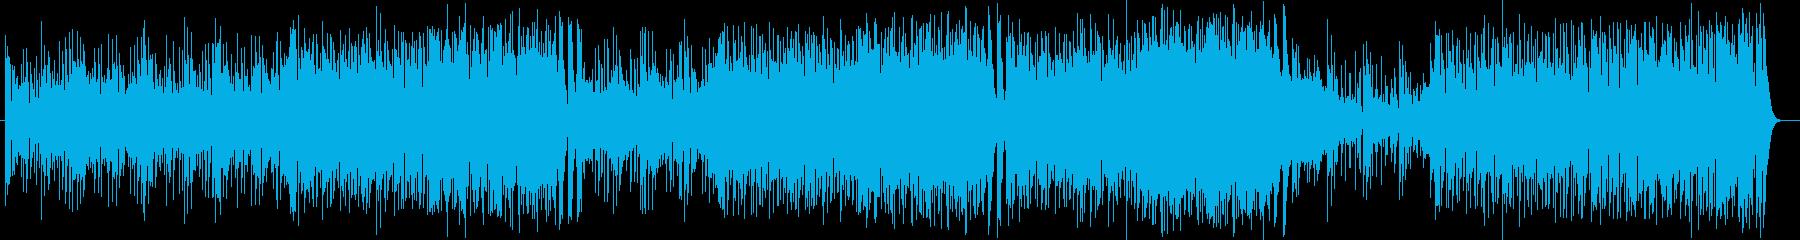 ワウギターのカッティングが印象的なロックの再生済みの波形